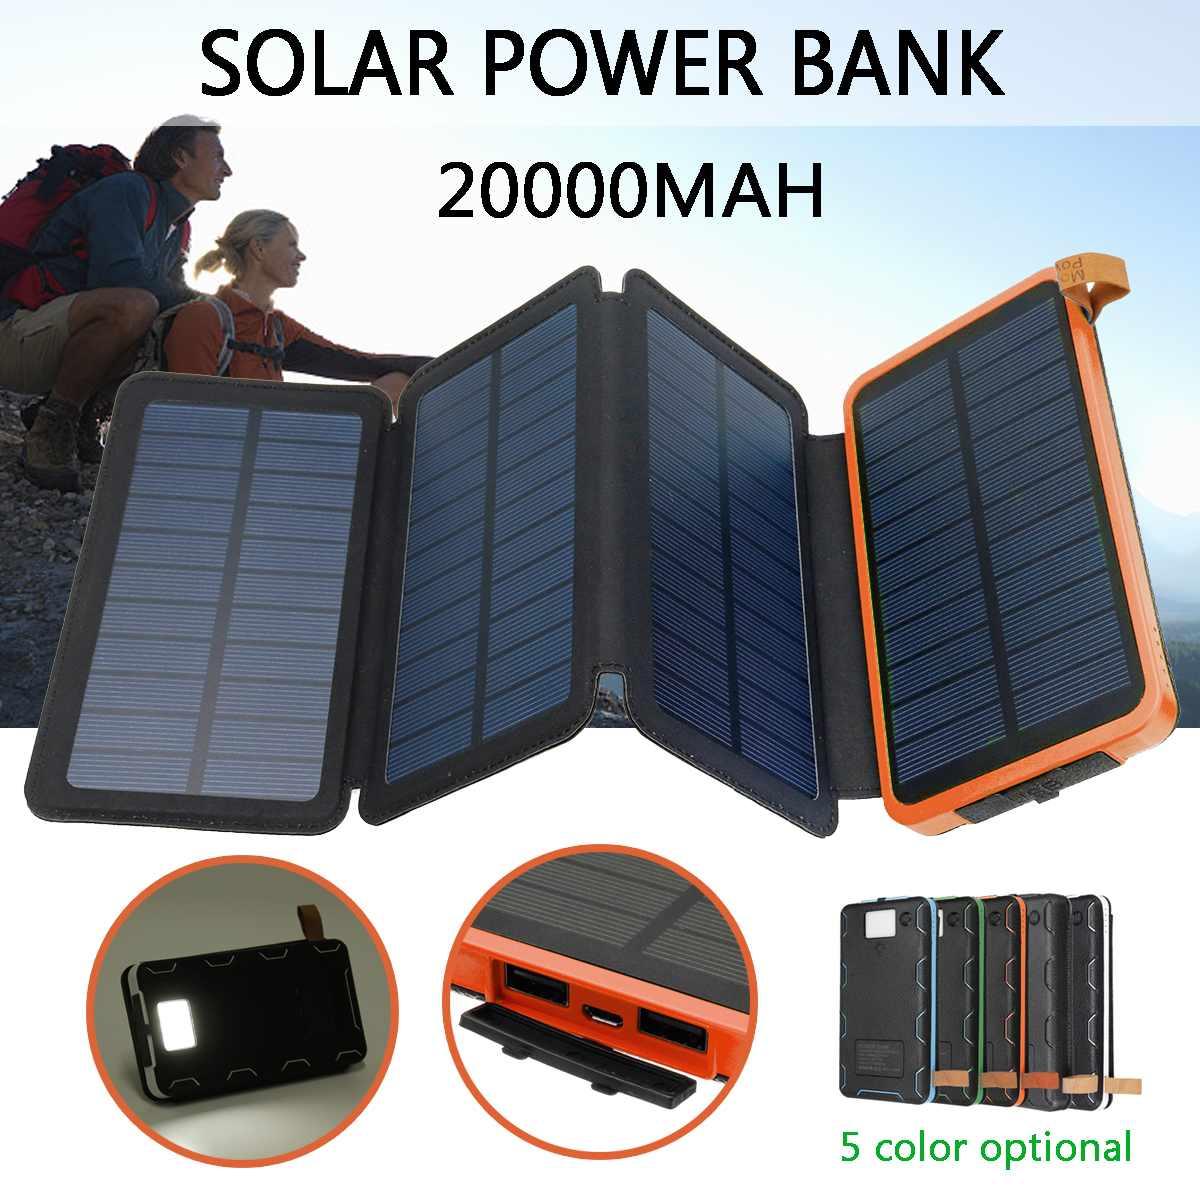 Chargeur solaire pliable de batterie de chargeur solaire de panneau solaire de 20000 mAh double batterie externe Mobile portative dusb pour le Camping en plein airChargeur solaire pliable de batterie de chargeur solaire de panneau solaire de 20000 mAh double batterie externe Mobile portative dusb pour le Camping en plein air